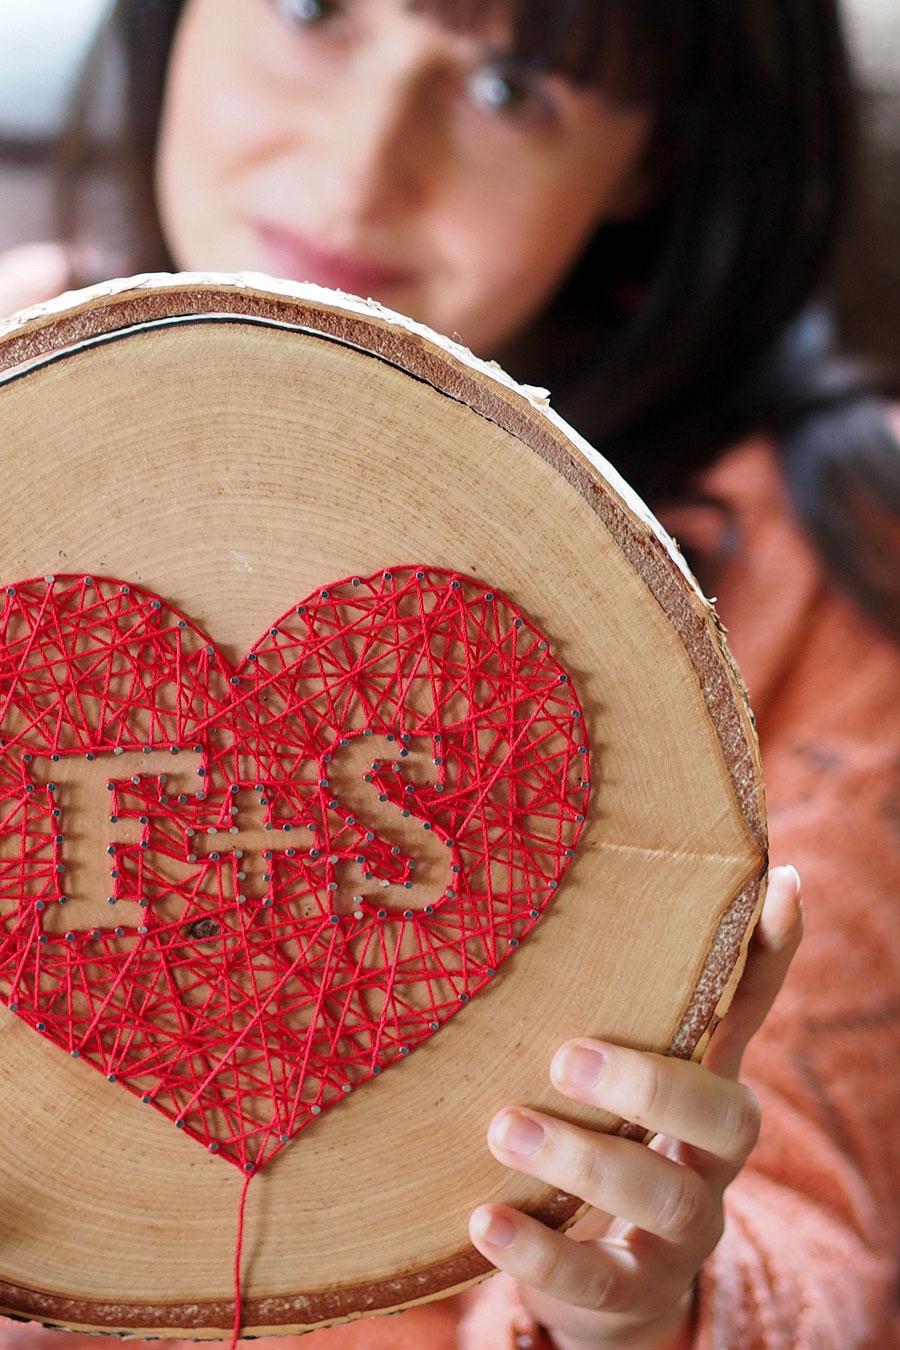 Liebe Aus Wolle Und Holz Fee Ist Mein Name